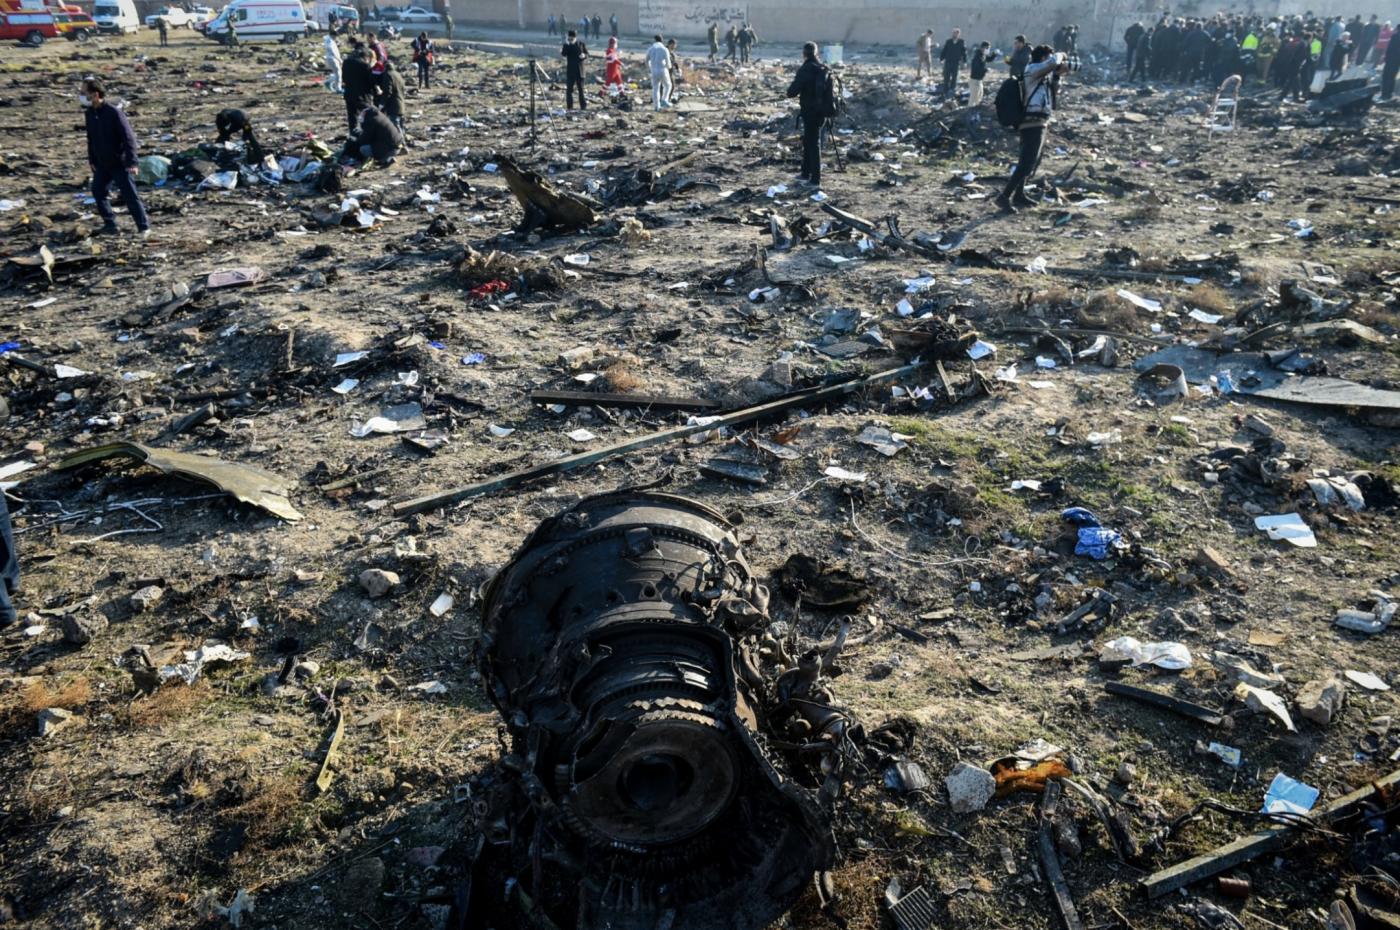 乌克兰民航客机是被伊朗导弹击落的?_图1-1